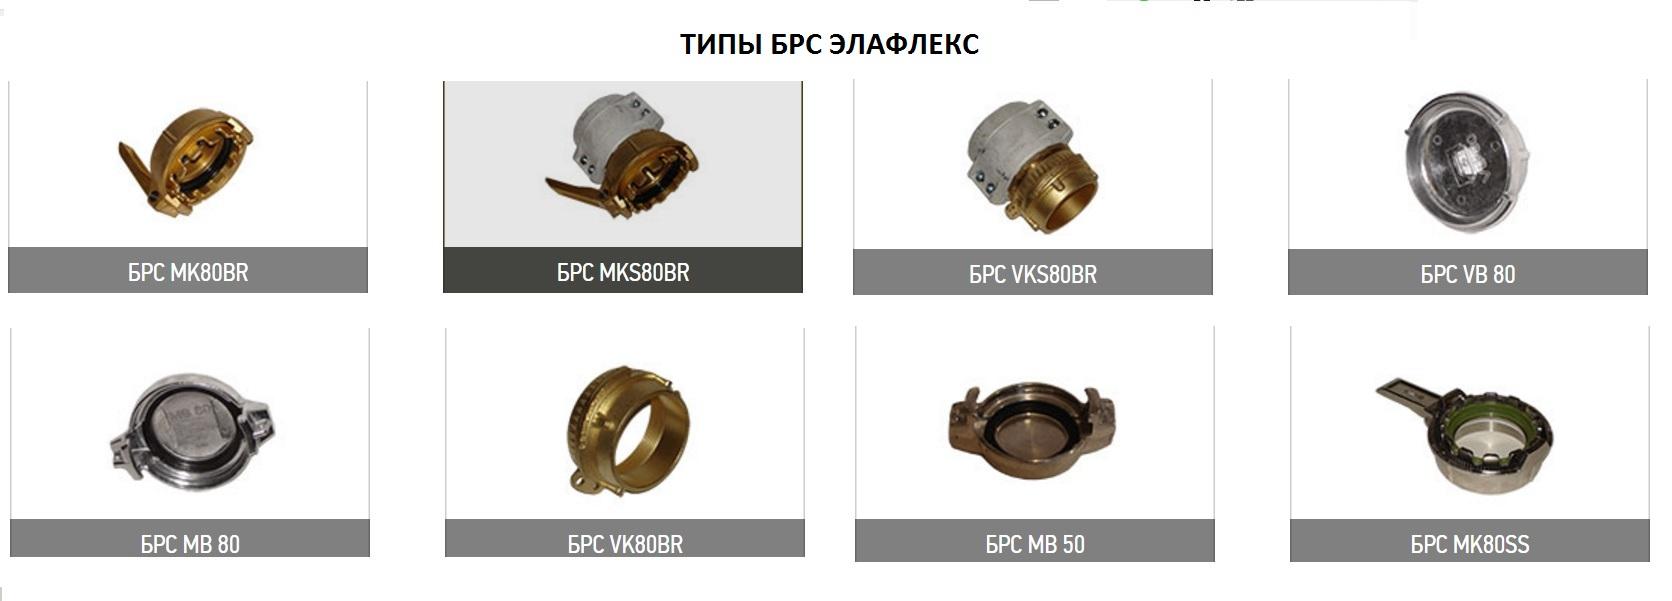 Быстроразъемные соединения трубопроводов высокого давления